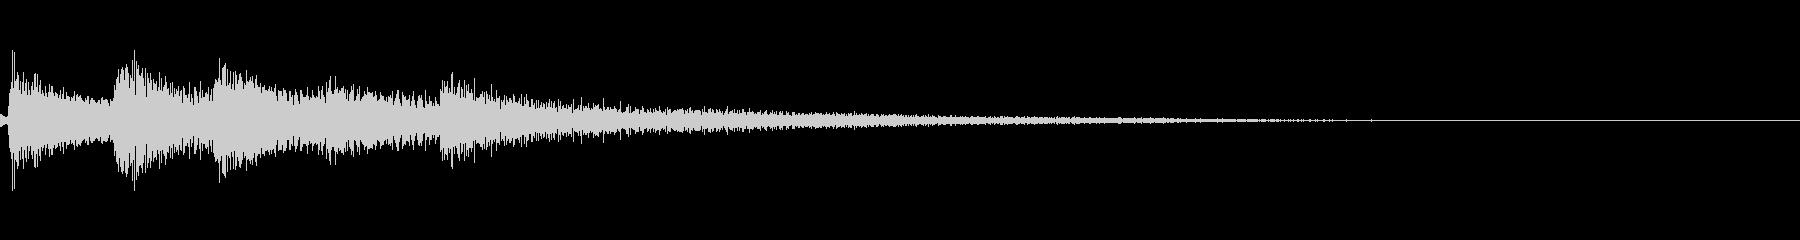 【ロゴ、ジングル】ピアノ01の未再生の波形